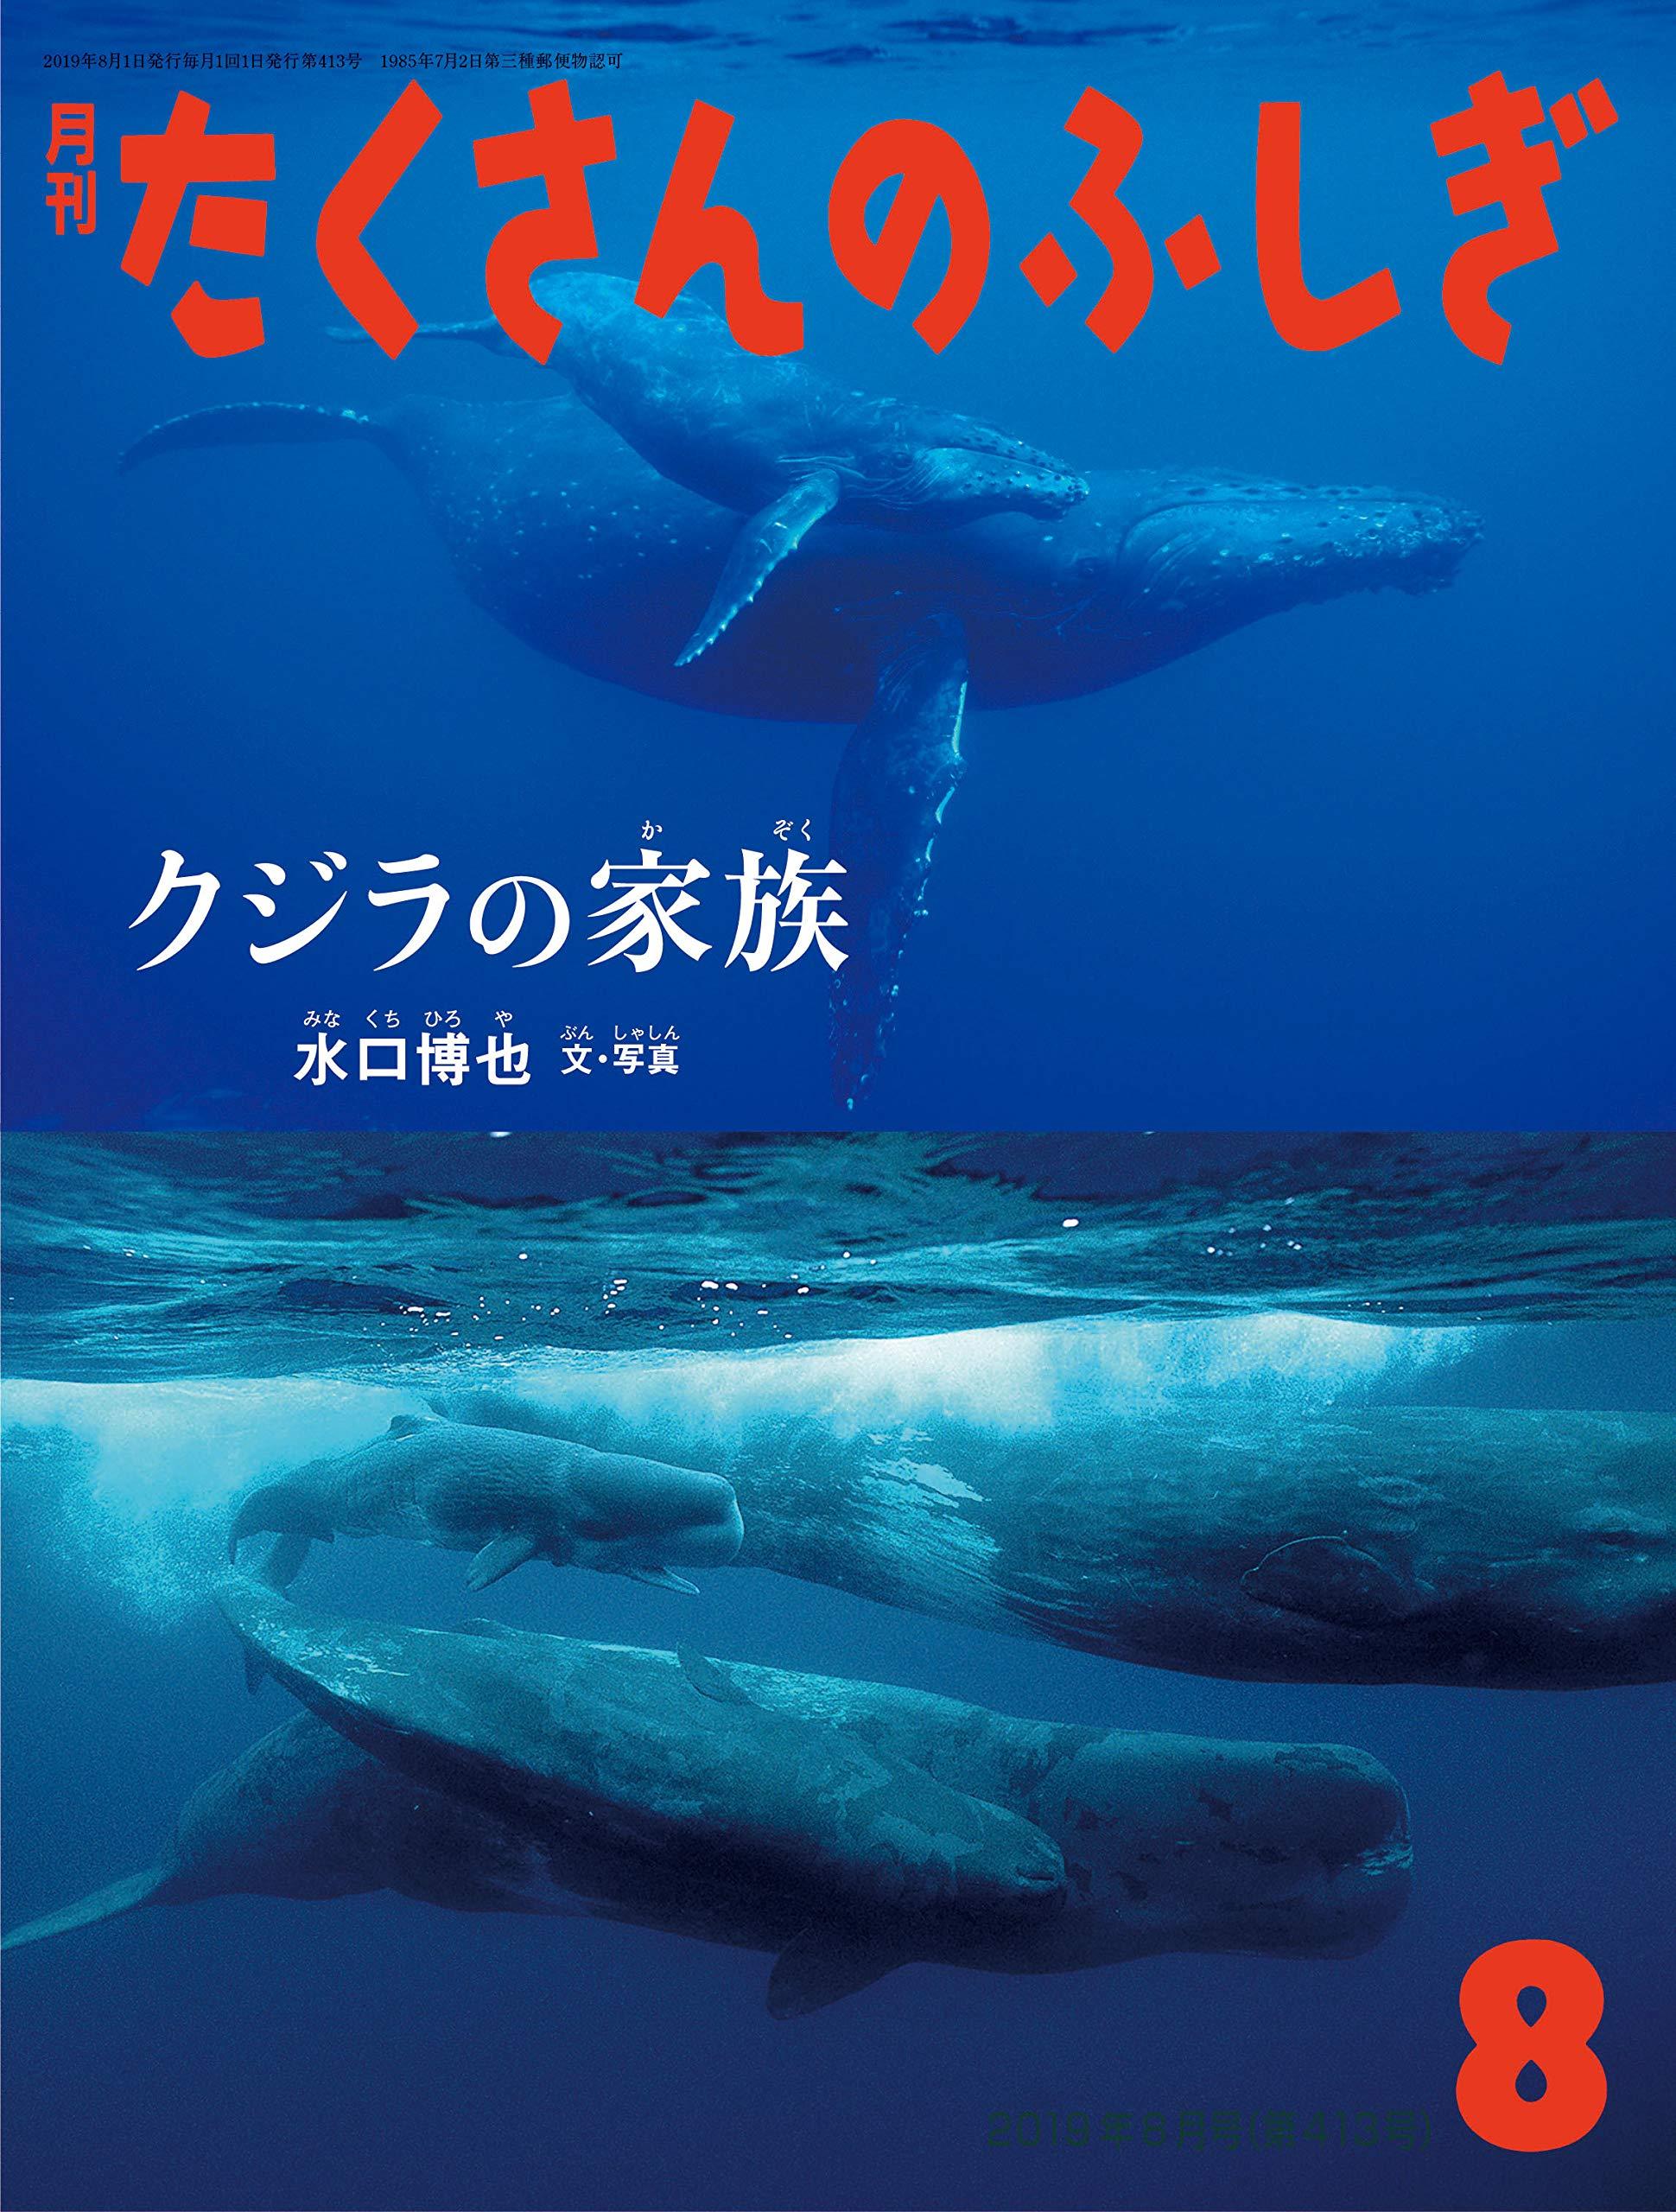 シロ ナガスクジラ 漢字 で 書く と